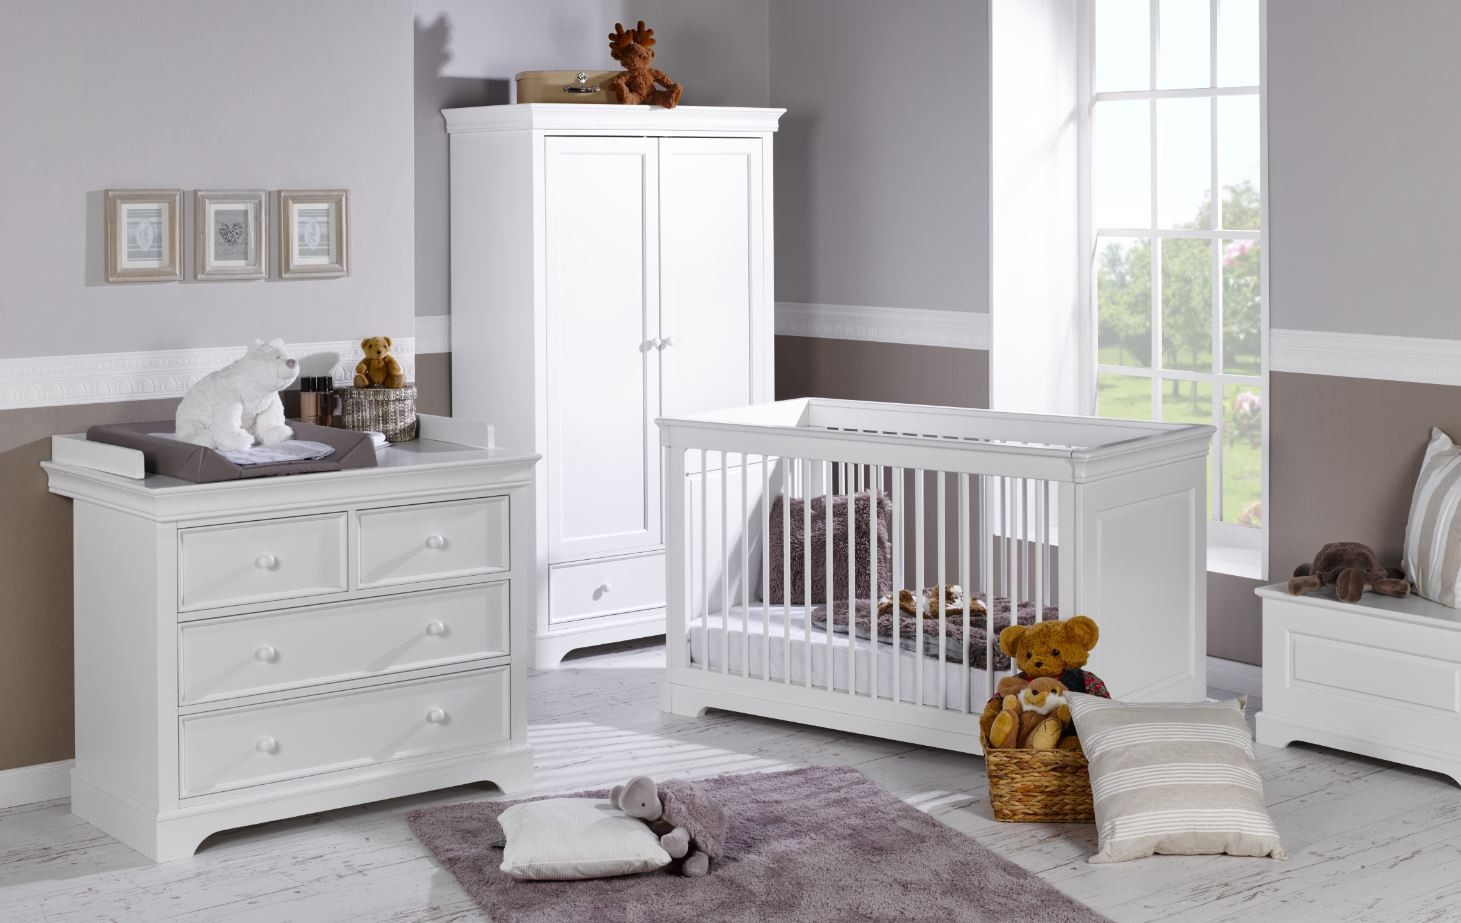 Lit Bébé Bio De Luxe Meilleur Lit Bébé Bébé Confort Baignoire New Armoire Chambre Bébé